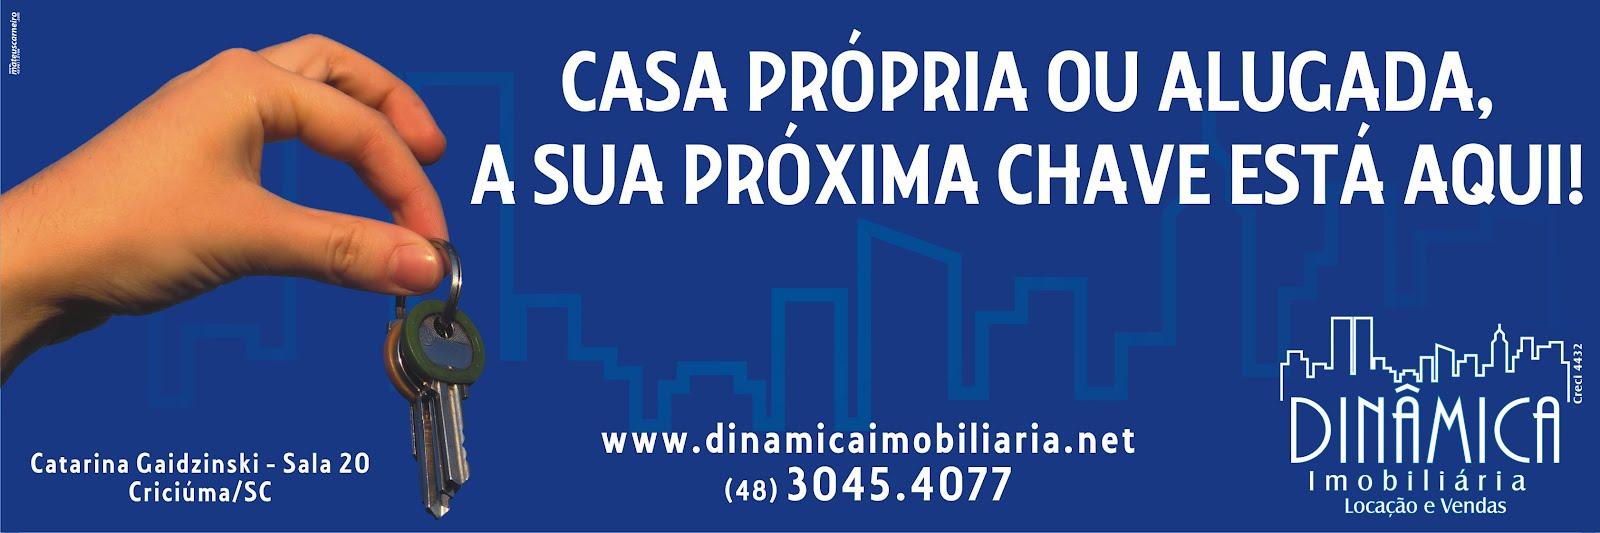 Dinâmica Imobiliária. Criciúma -Venda de apartamentos, terrenos, casas e salas comerciais